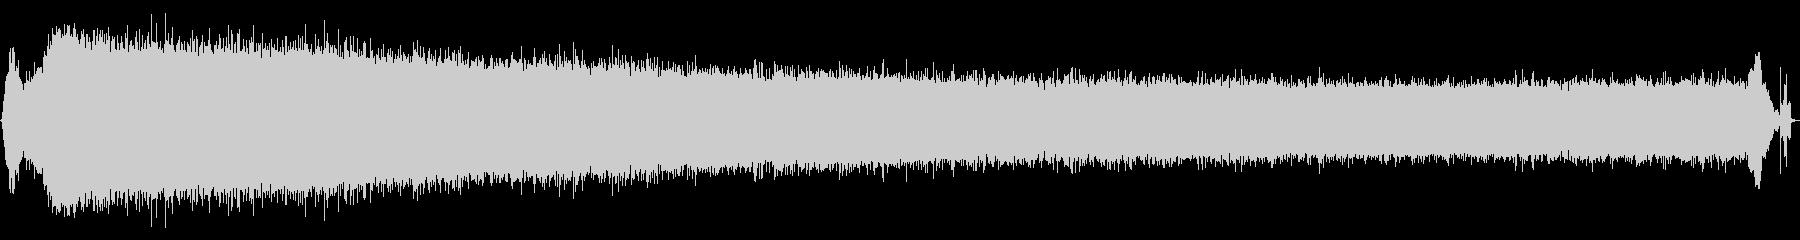 光学ドライブ03-2(動作音)の未再生の波形